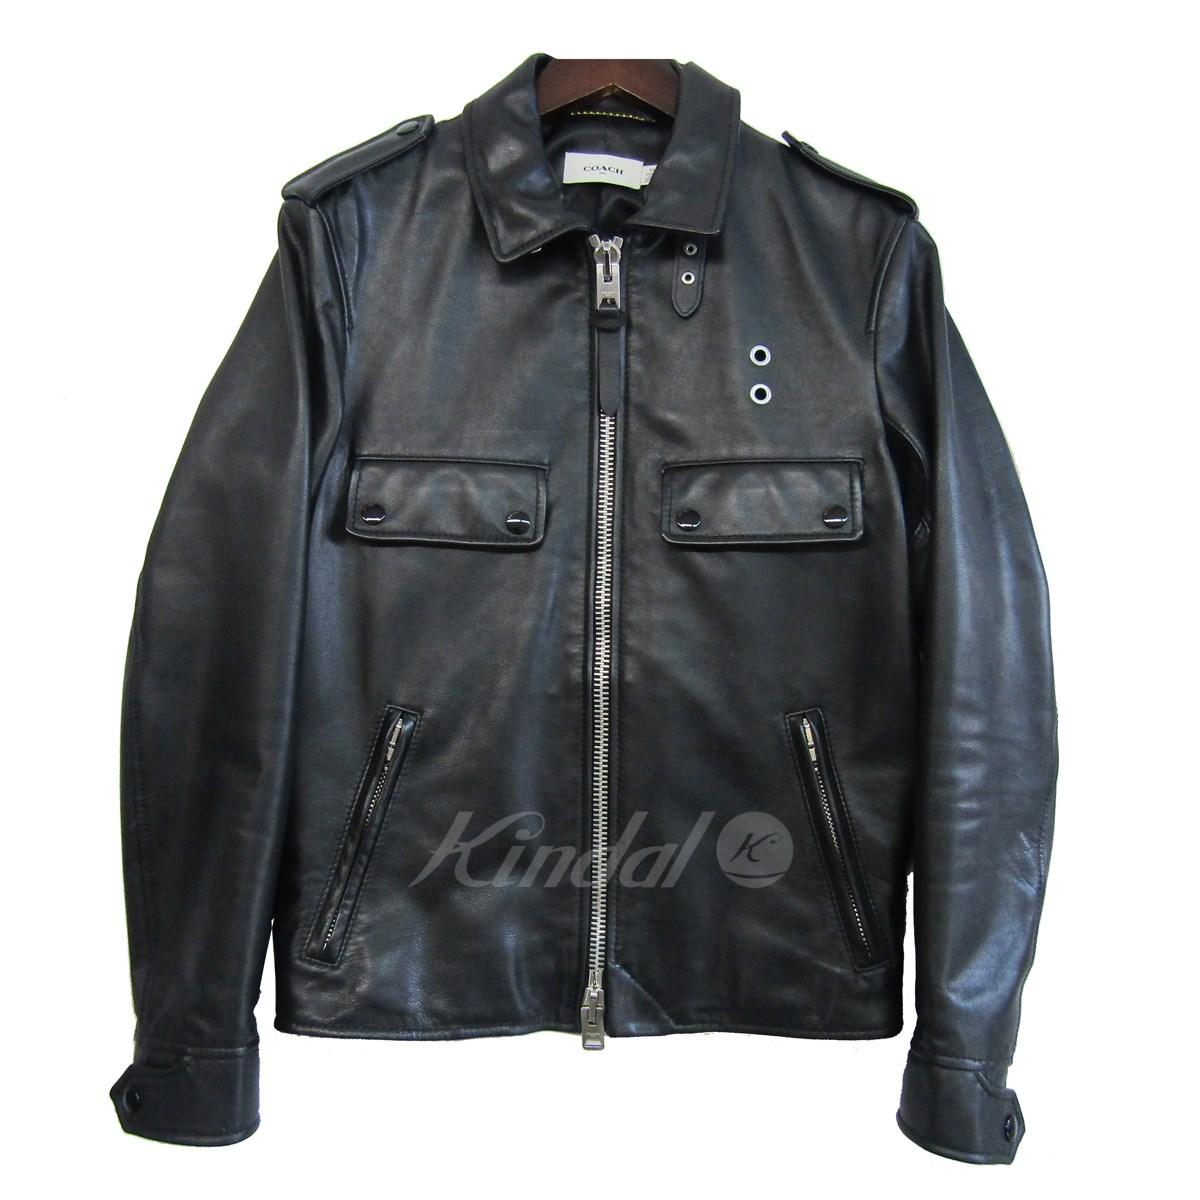 【中古】COACH バック裾切替シングルライダースジャケット ブラック サイズ:44 【150519】(コーチ)